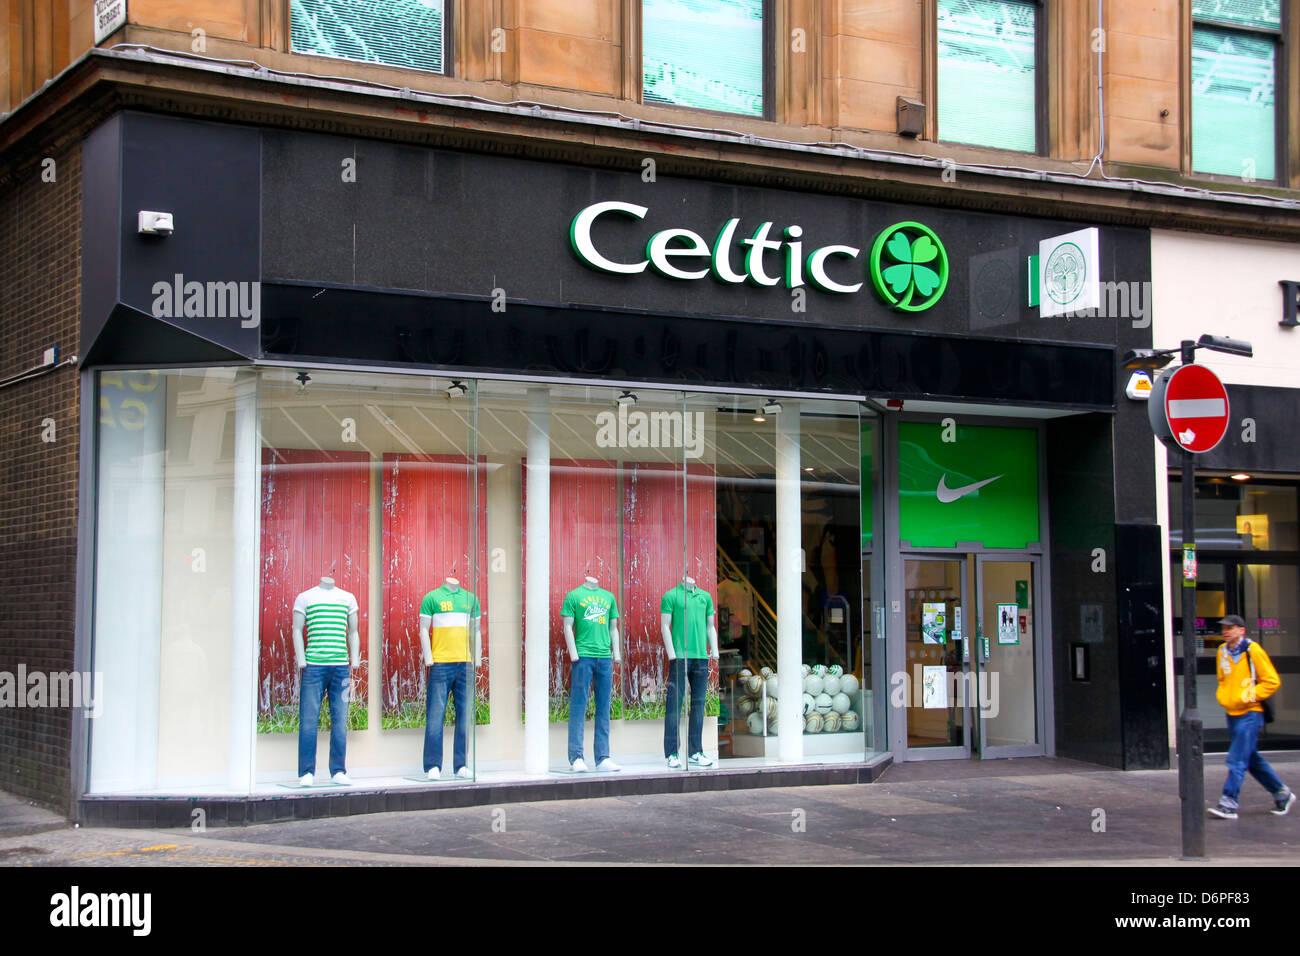 Celtic Glasgow Shop